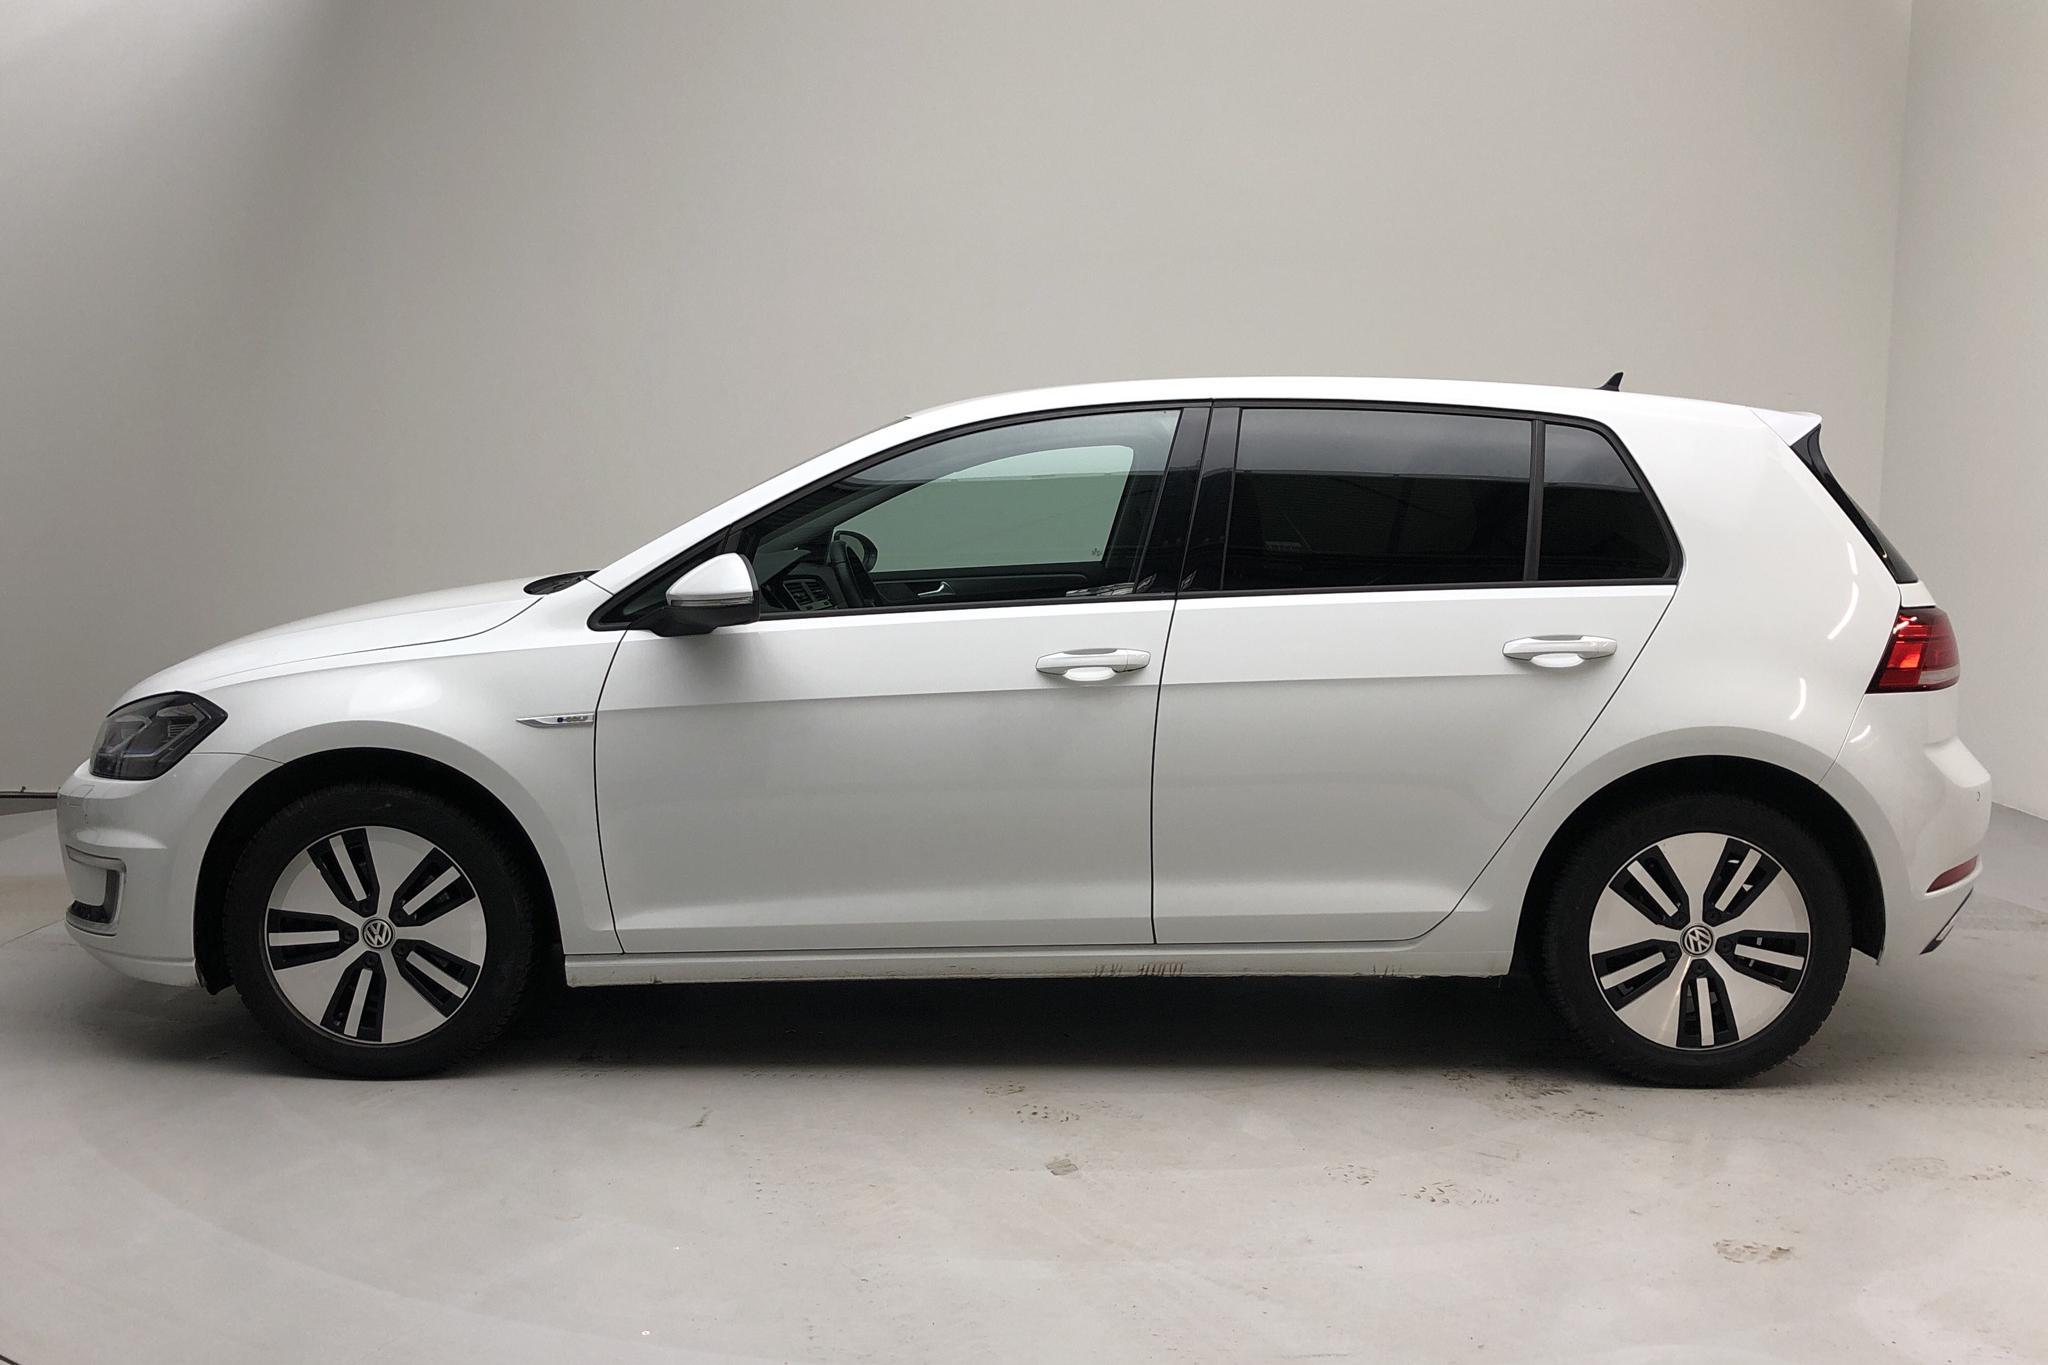 VW e-Golf VII 5dr (136hk) - 5 474 mil - Automat - vit - 2018